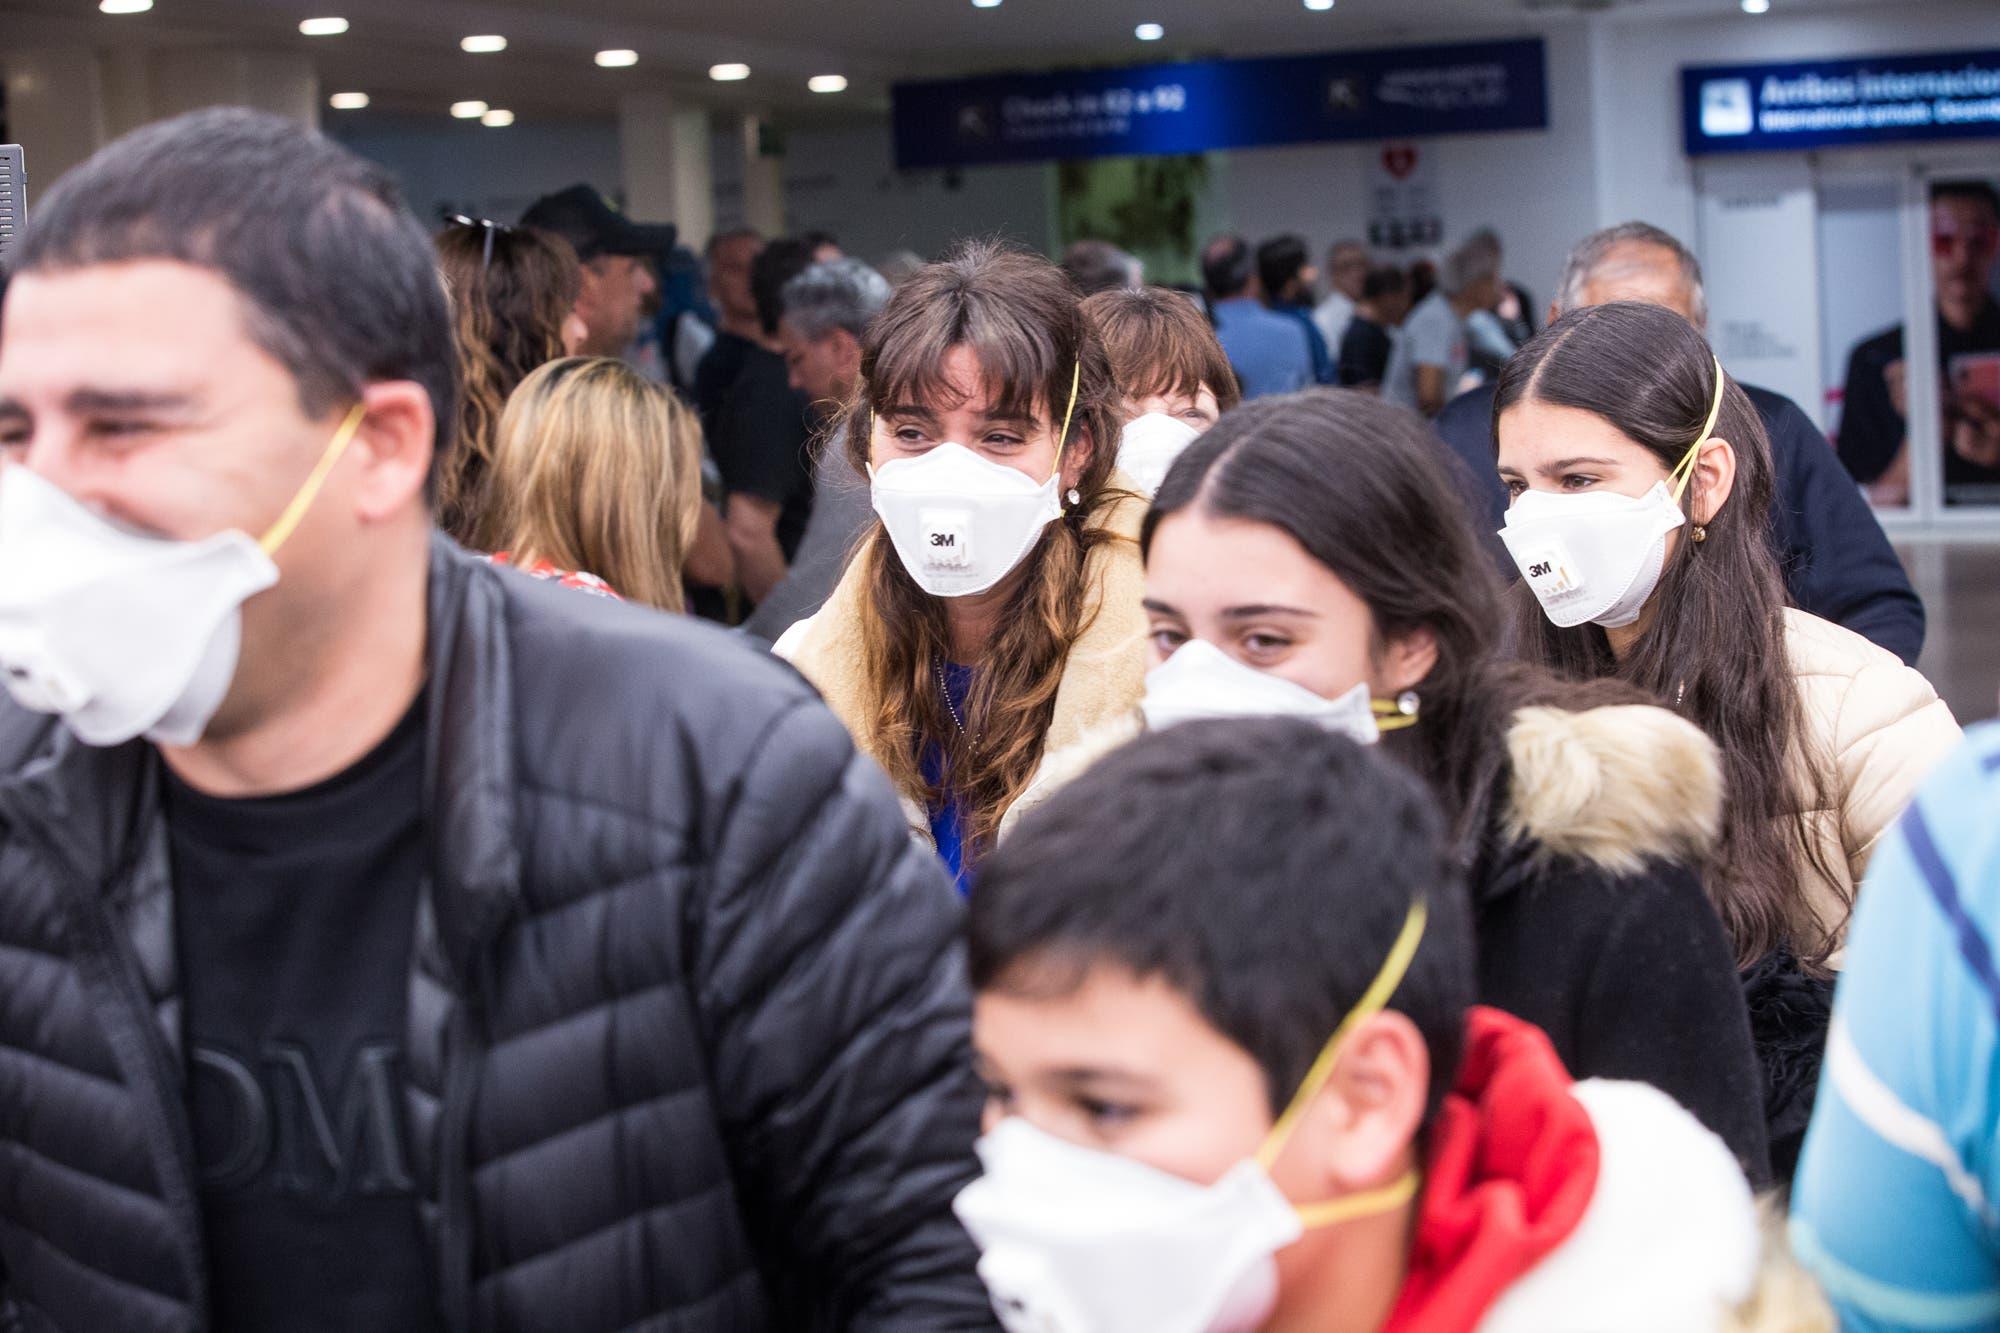 Autoridades locales deben reforzar información a población sobre riesgo de contagio del covid-19 en actividades masivas: Jorge Olvera García